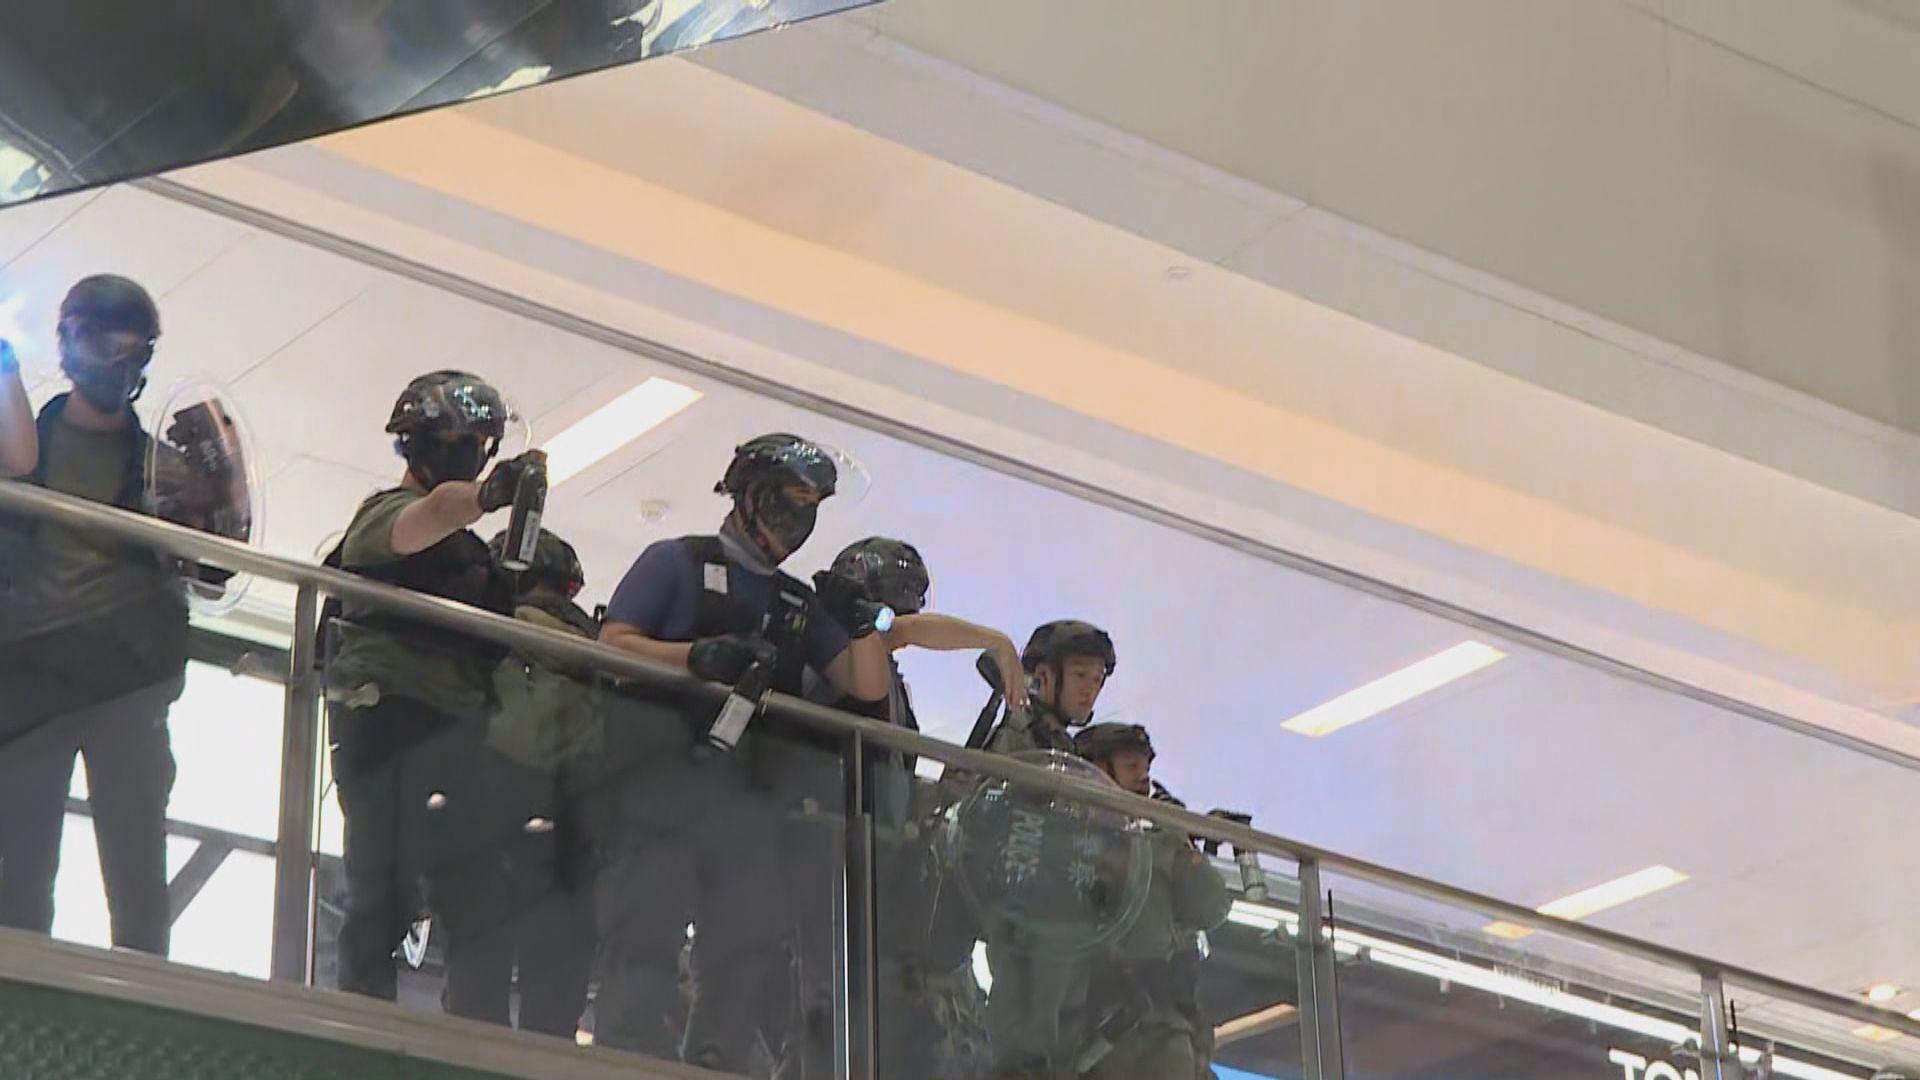 警方進入多區商場拘捕多人並多次噴胡椒水